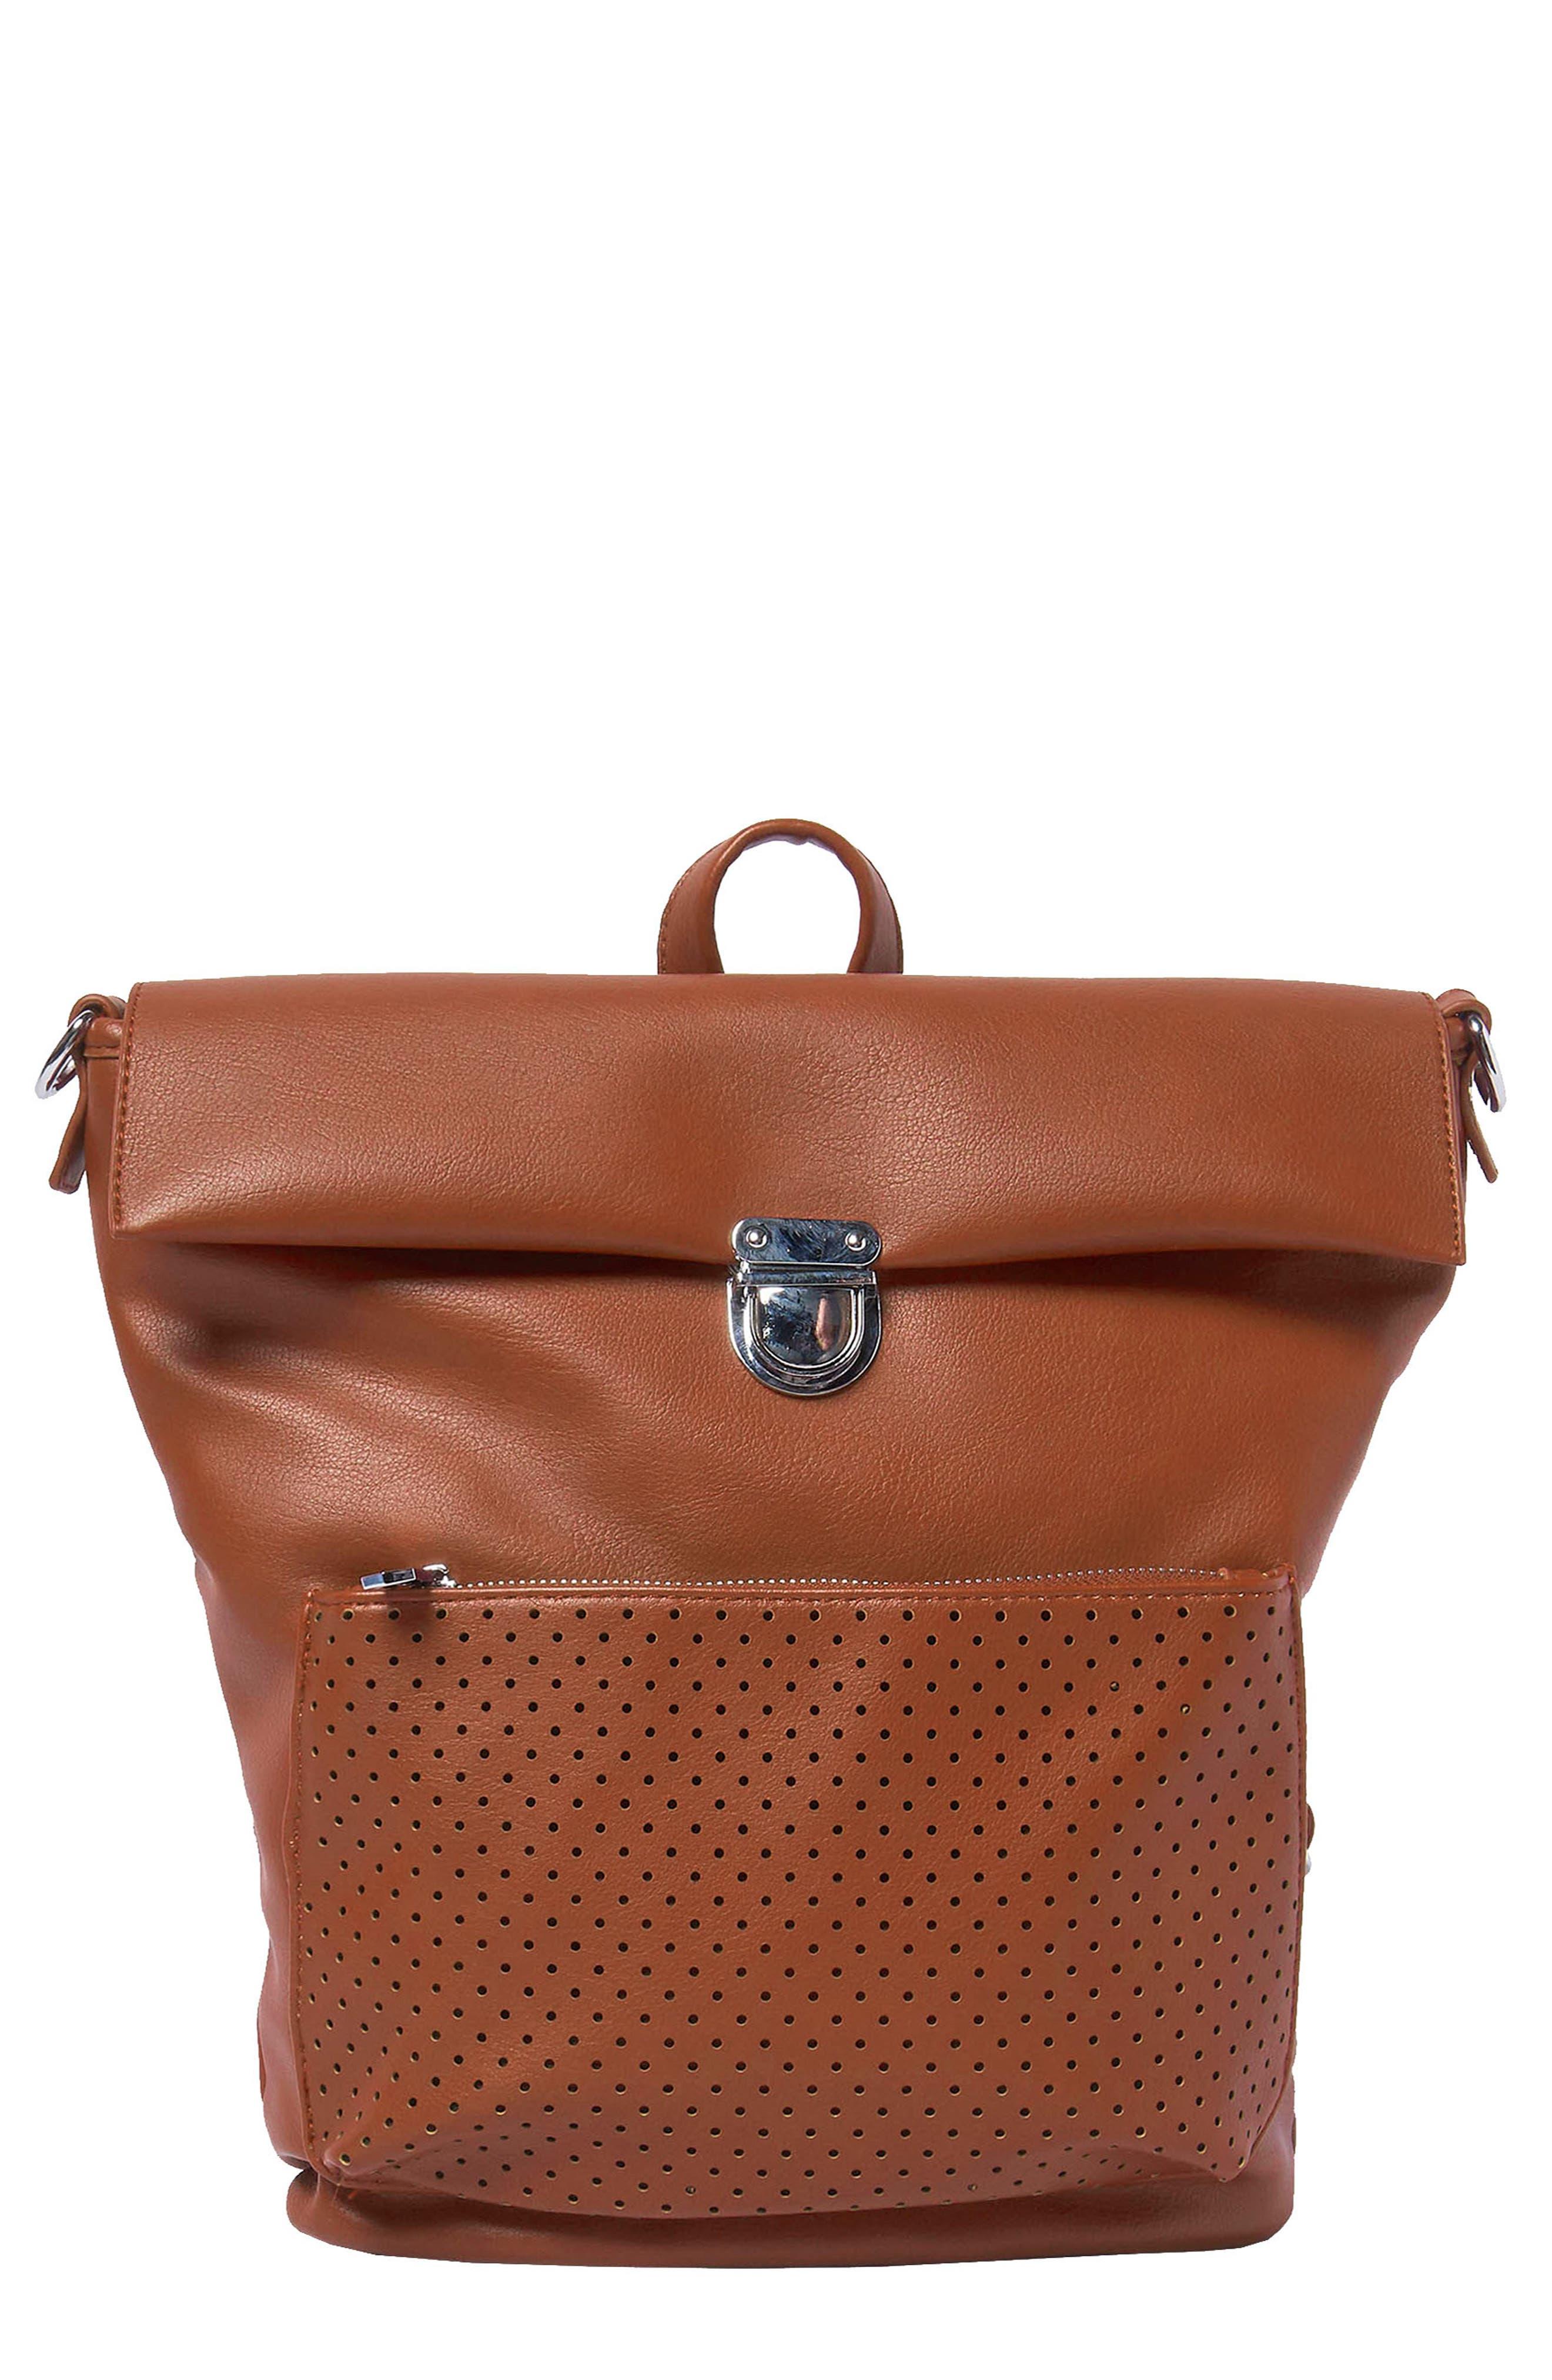 Solo Origin Vegan Leather Convertible Backpack - Brown in Tan